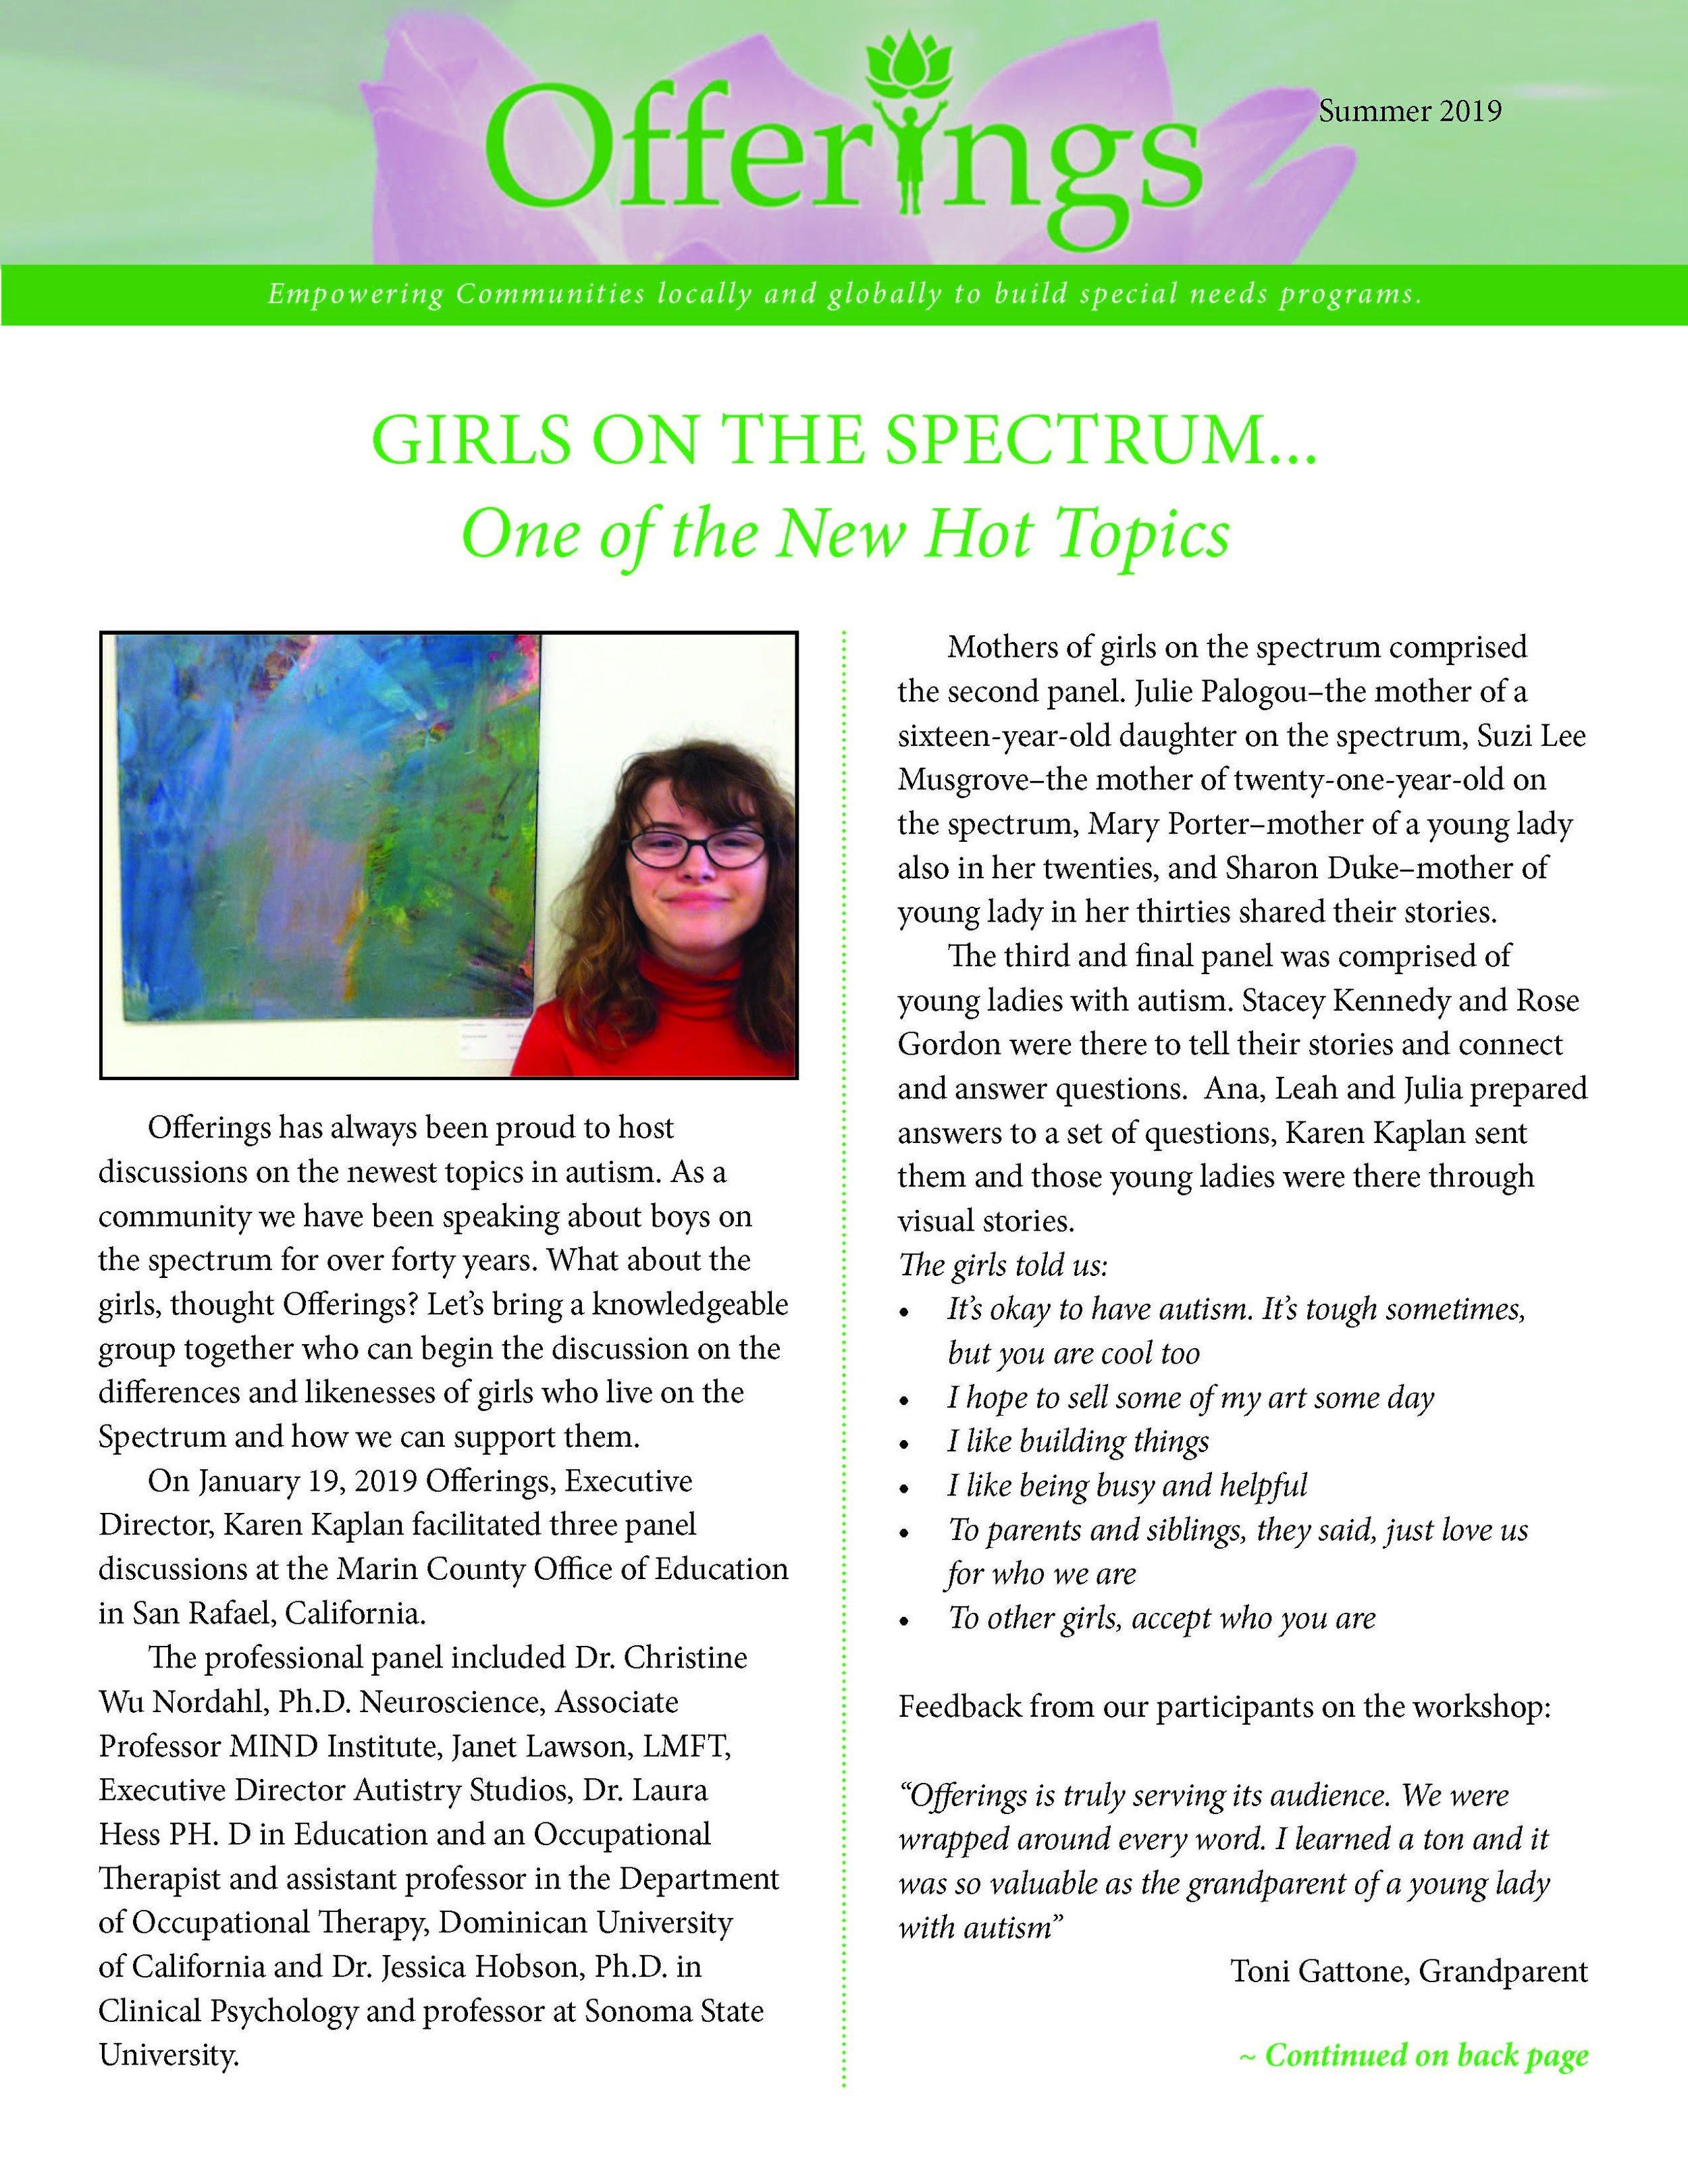 Summer '19 Newsletter -